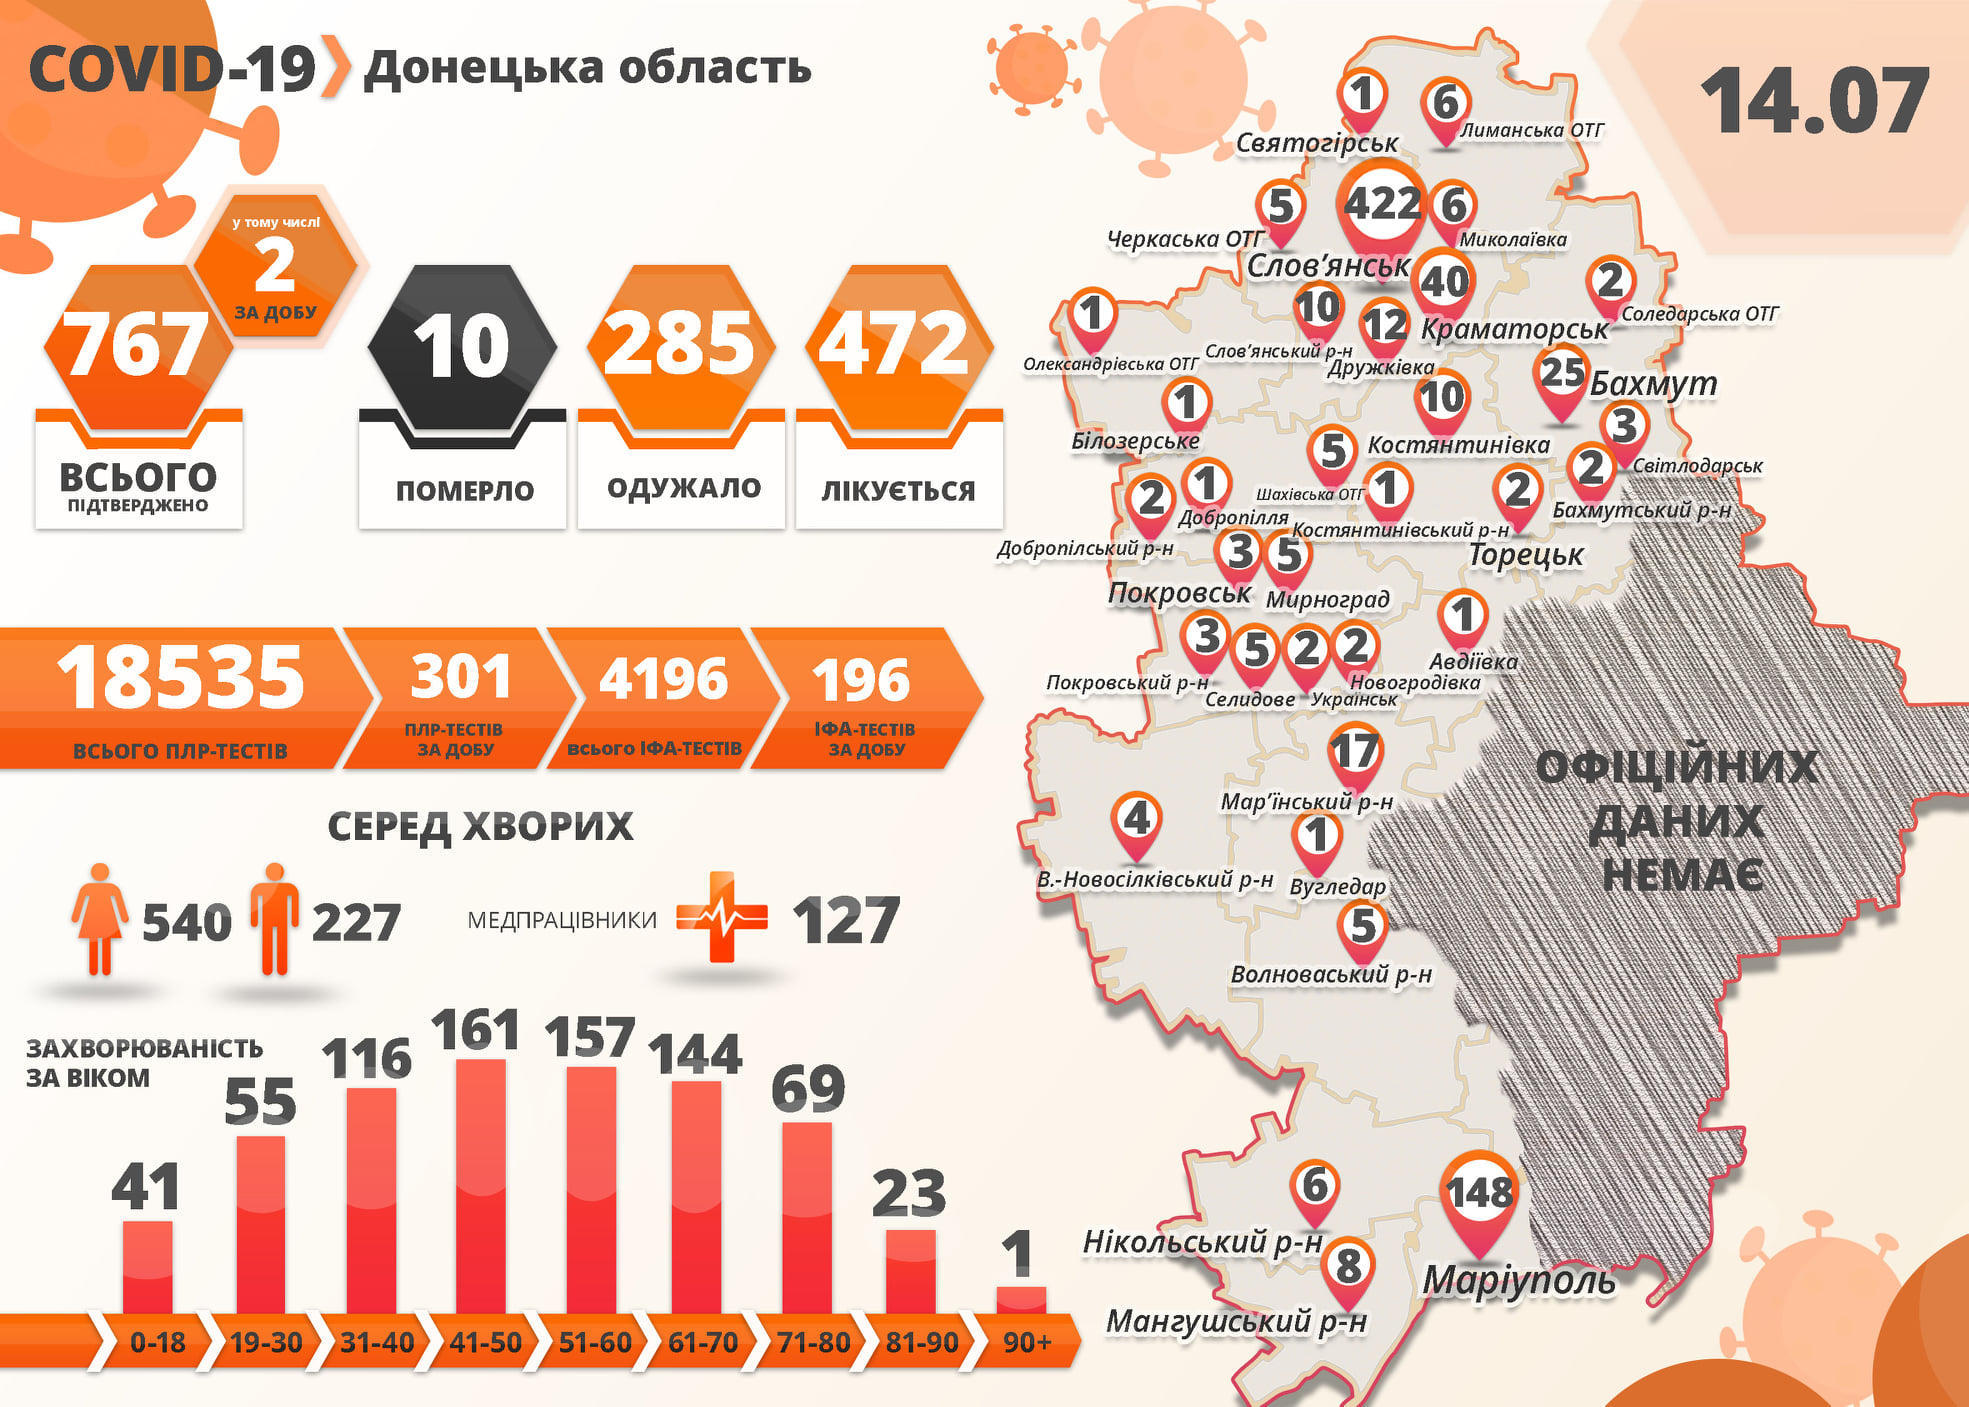 інфографіка ДонОДА 14.07.20